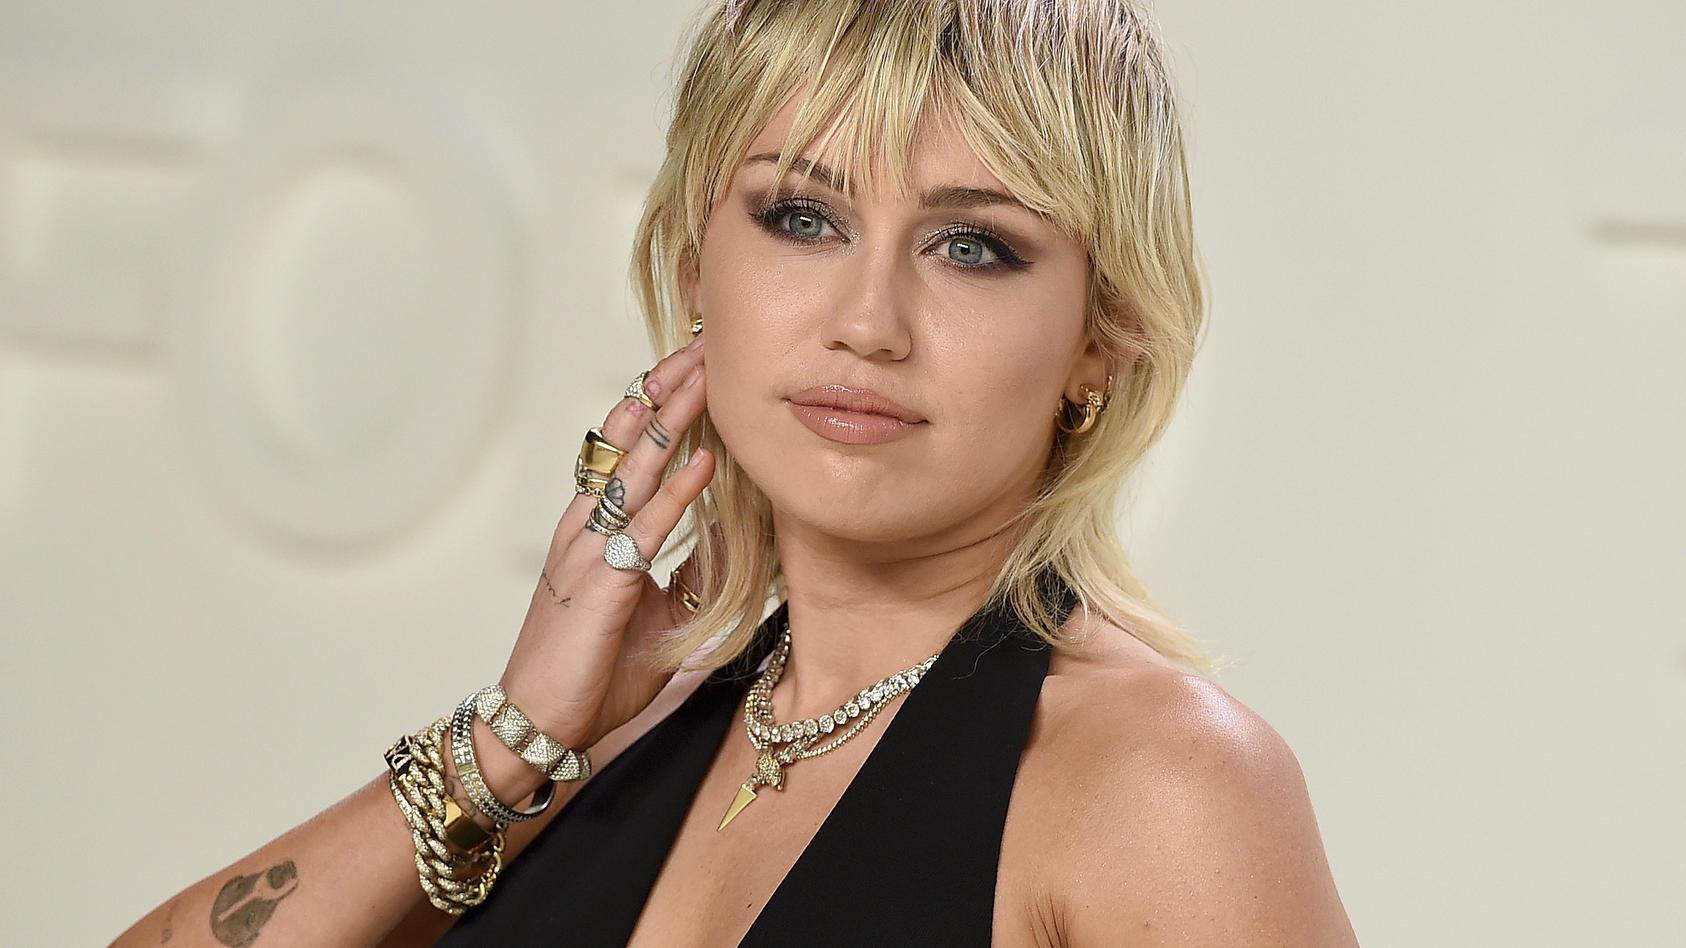 Miley Cyrus ist single und seit anderthalb Jahren geschieden. Jetzt erklärt sie, was zur Trennung von Liam Hemsworth geführt haben könnte.